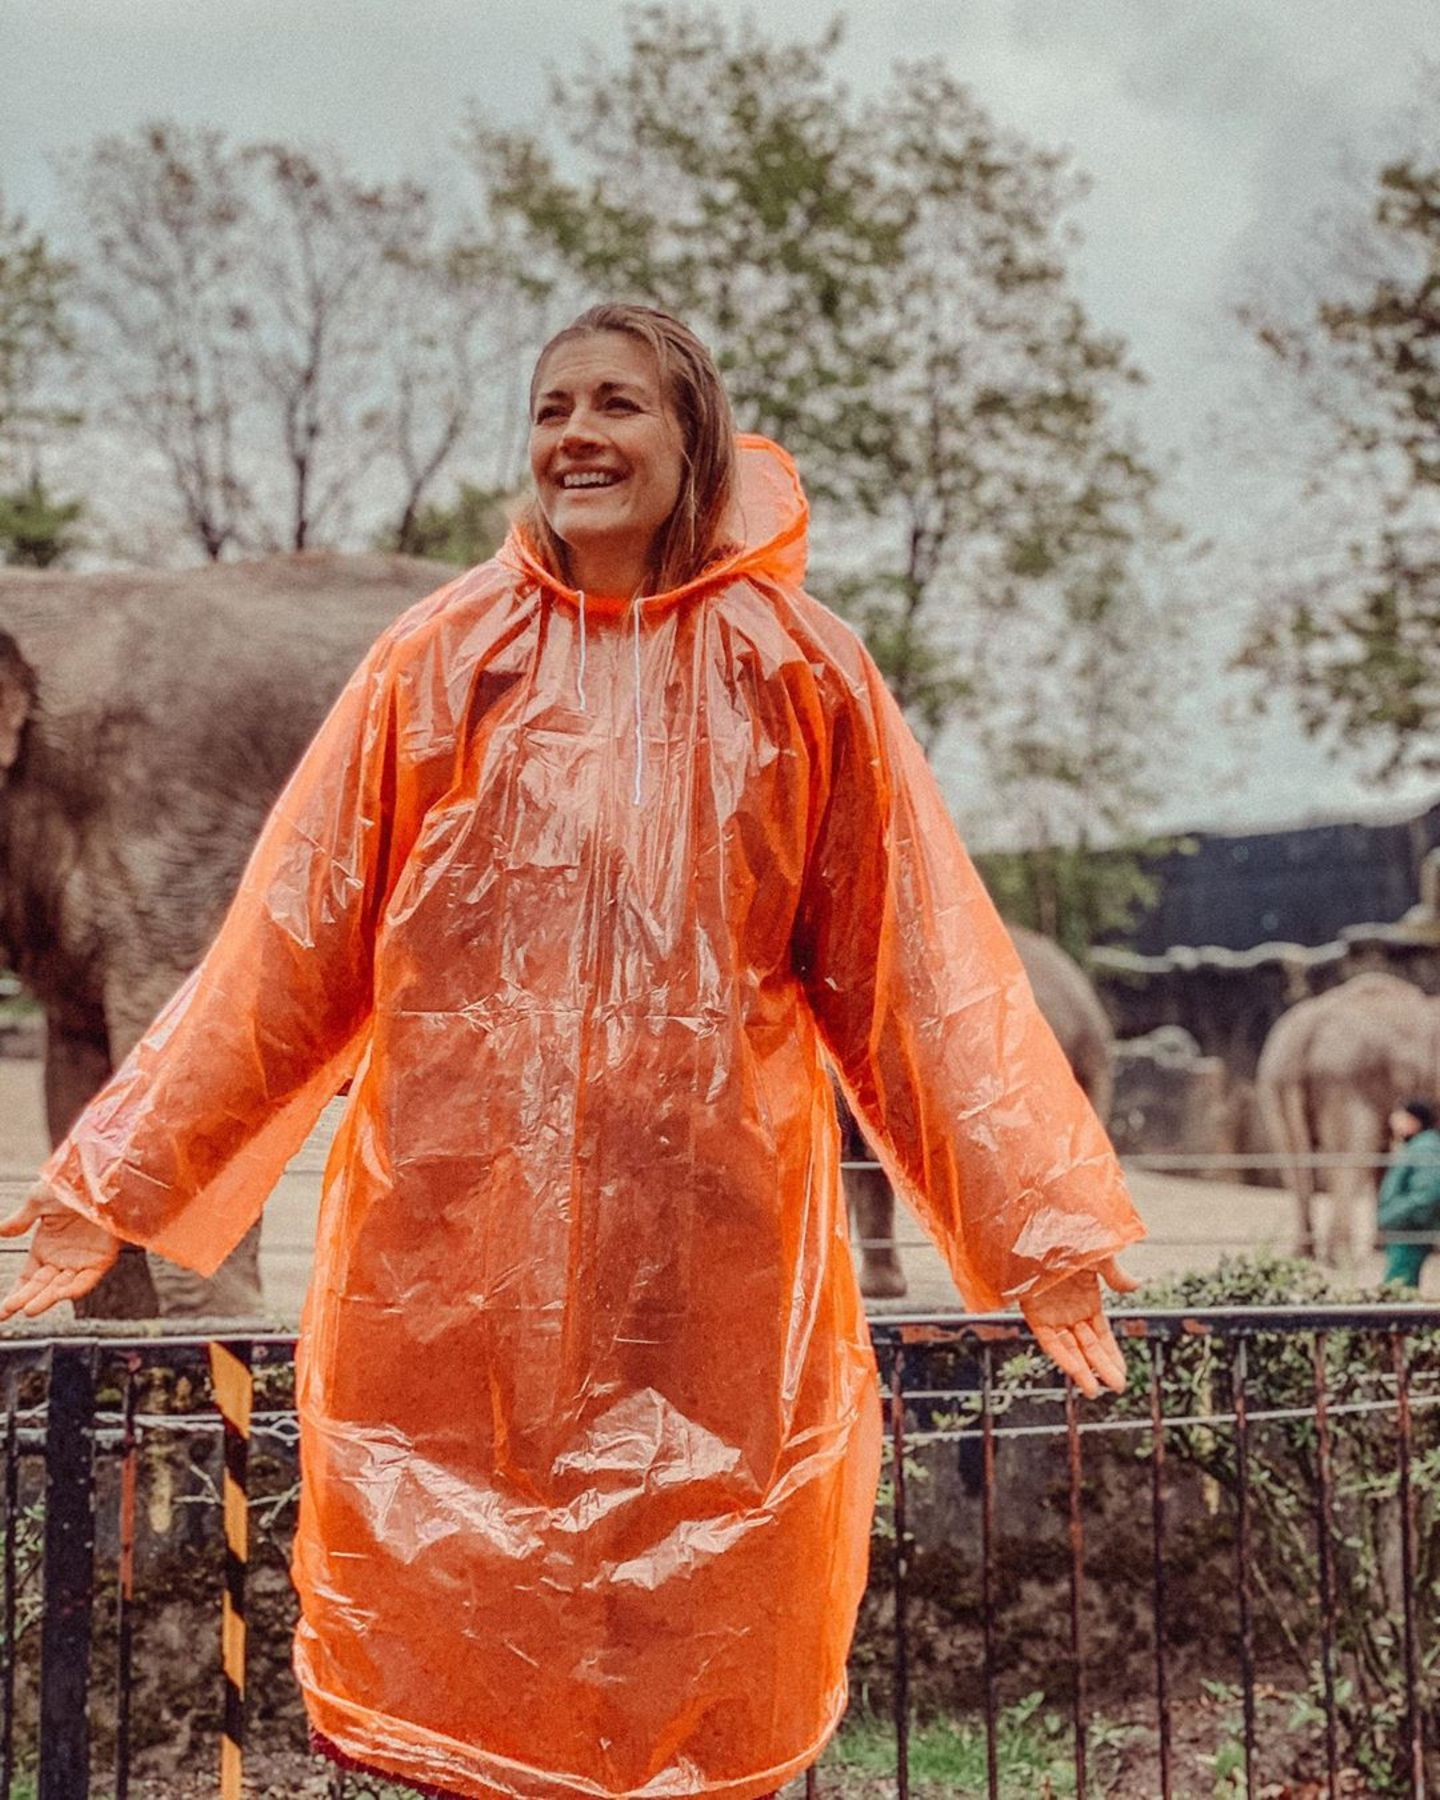 12. Mai 2020  Es gibt kein schlechtes Wetter, nur unpassende Kleidung! Nach zwei Monaten zuhause genießt Nina Bott den ersten Ausflug in den Hamburger Tierpark Hagenbeck. Dieser Freude kann auch das Schmuddelwetter nichts anhaben.